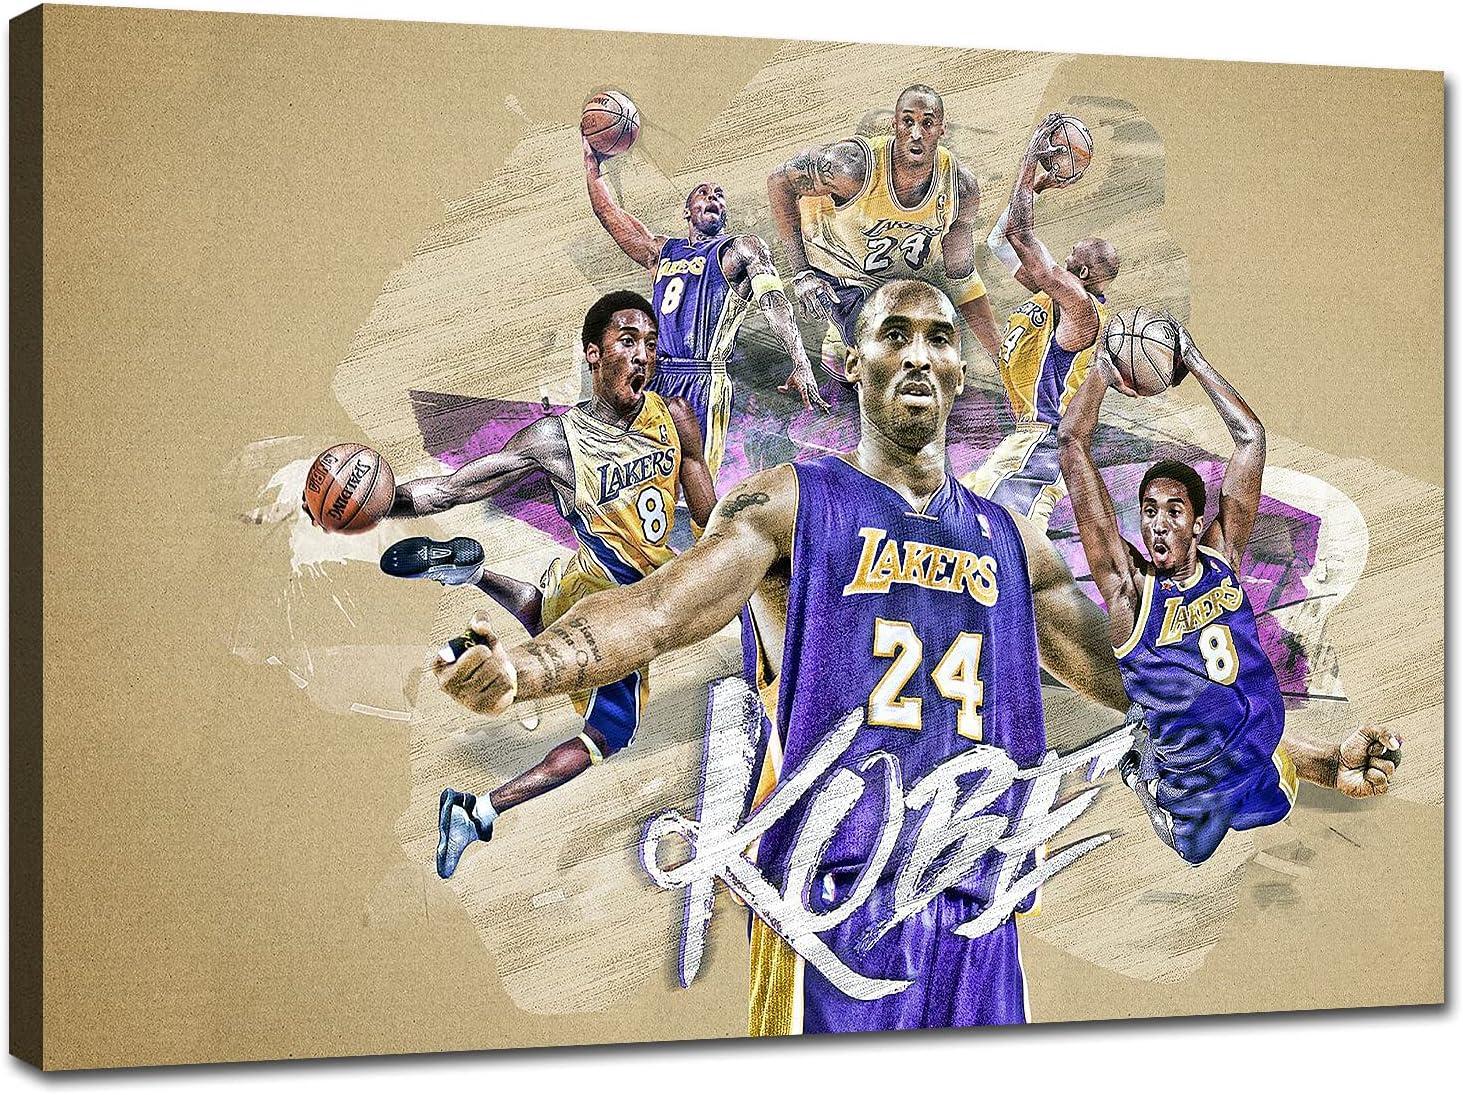 TWO J Legends Kobe Bryant Star Posters Nashville-Davidson Mall Memorabilia Basketball Gi Outstanding